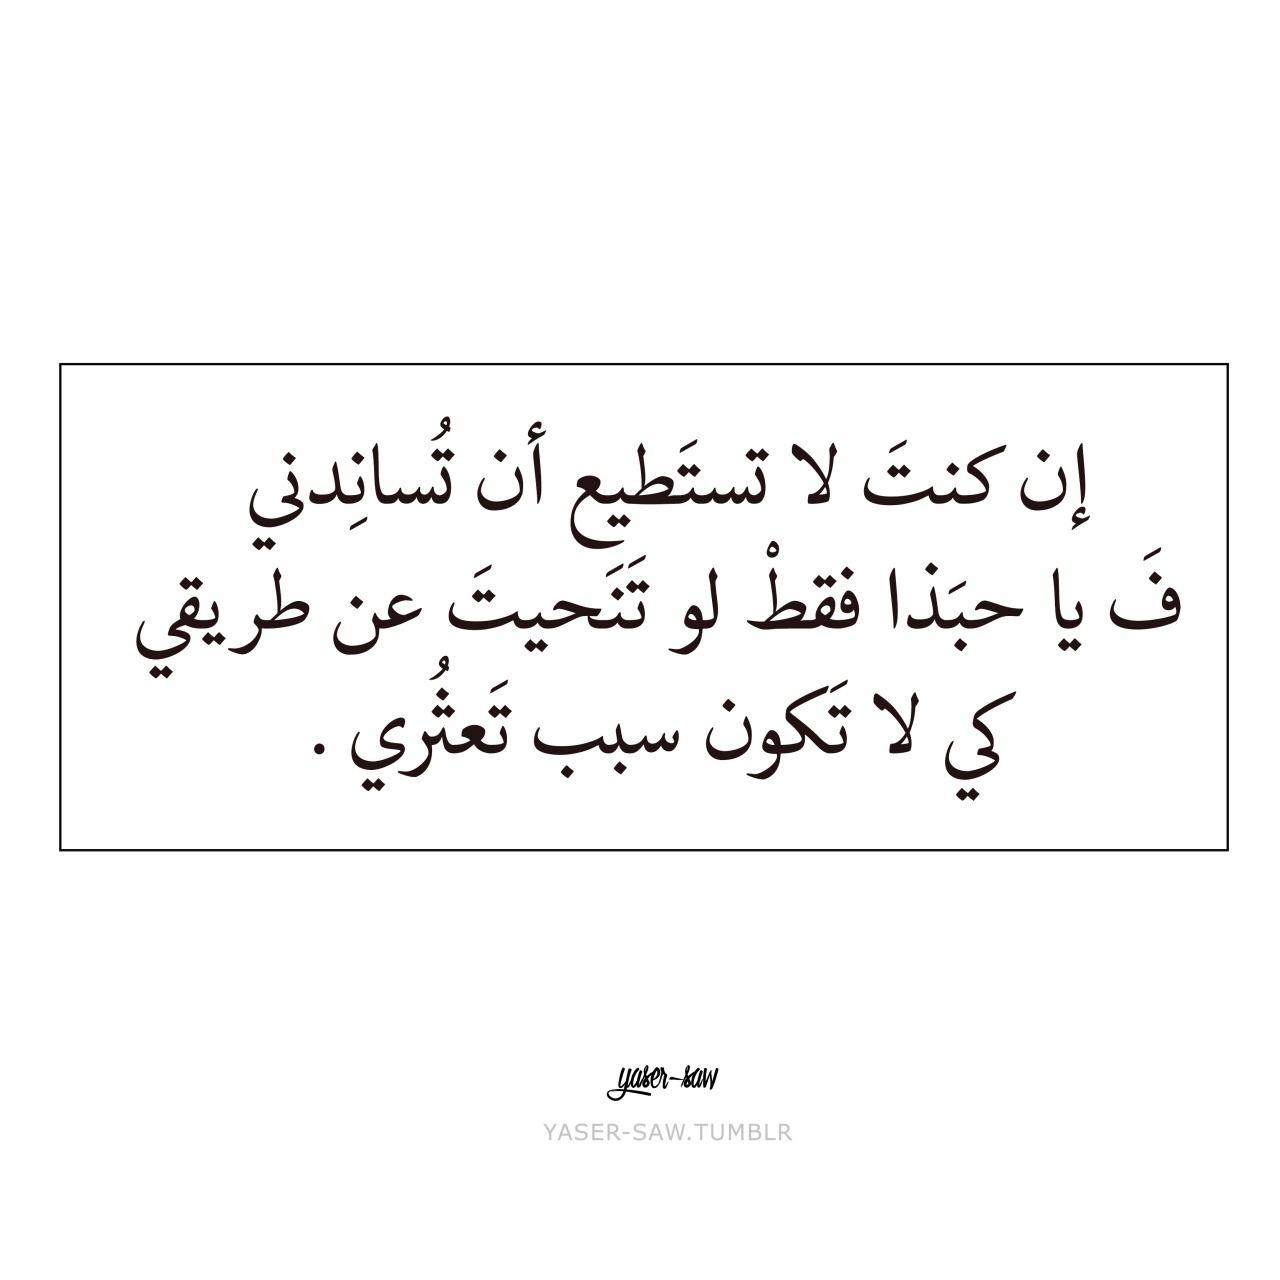 ناشطة شعرية Yaser Saw يا حبذا Words Quotes Cool Words Quotes